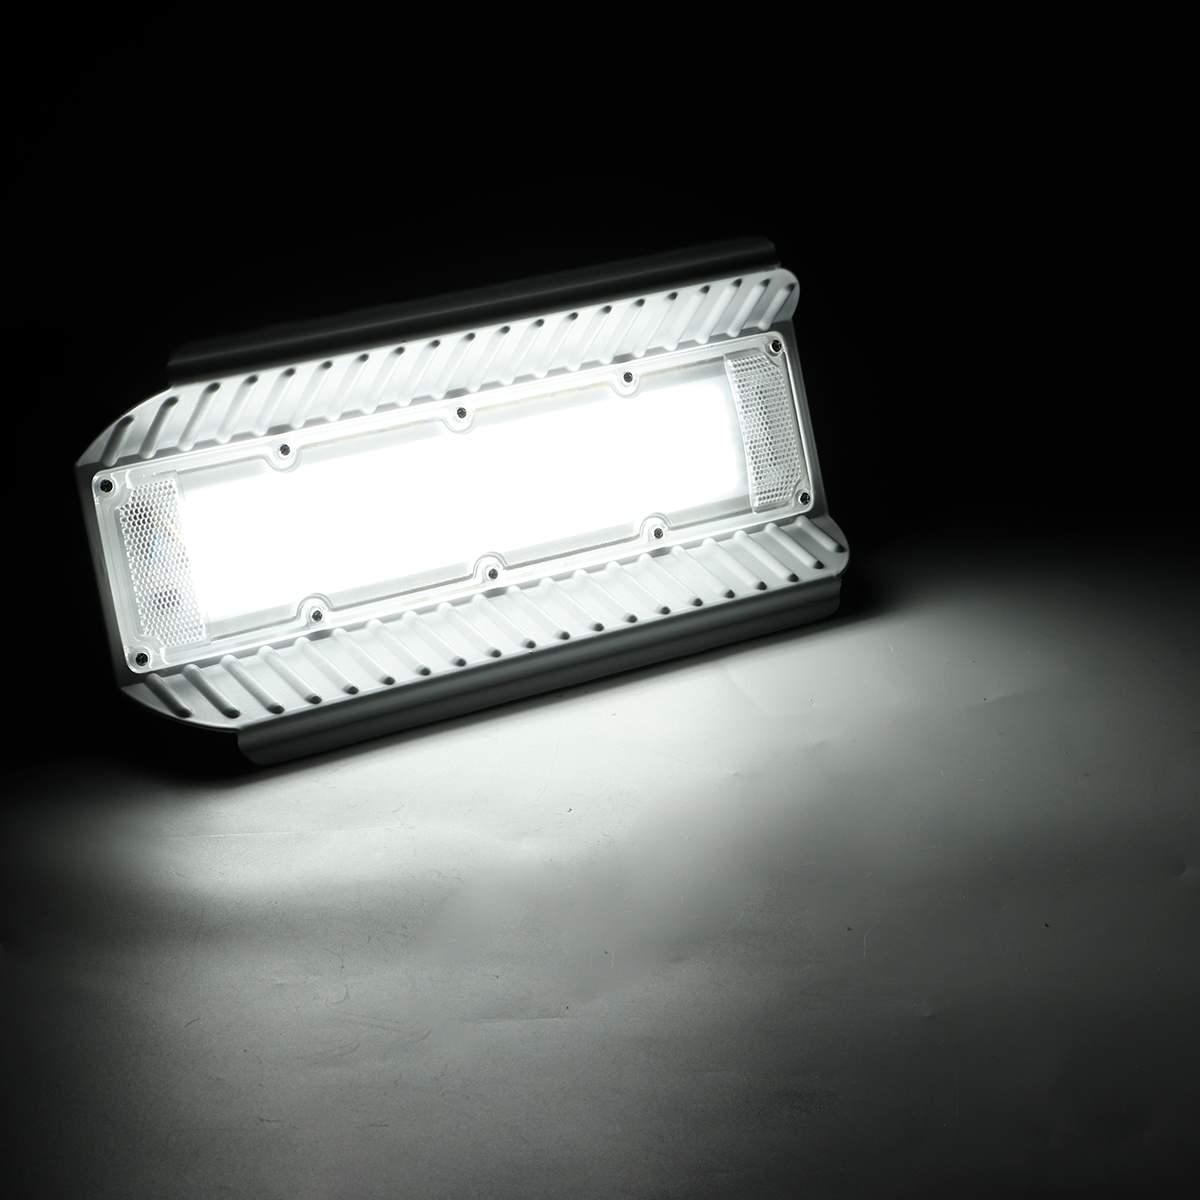 Impermeable 50W/100W Reflector de LED 220V al aire libre del jardín seguridad Reflector LED de lámpara Reflector Led proyector de pared iluminación de la calle